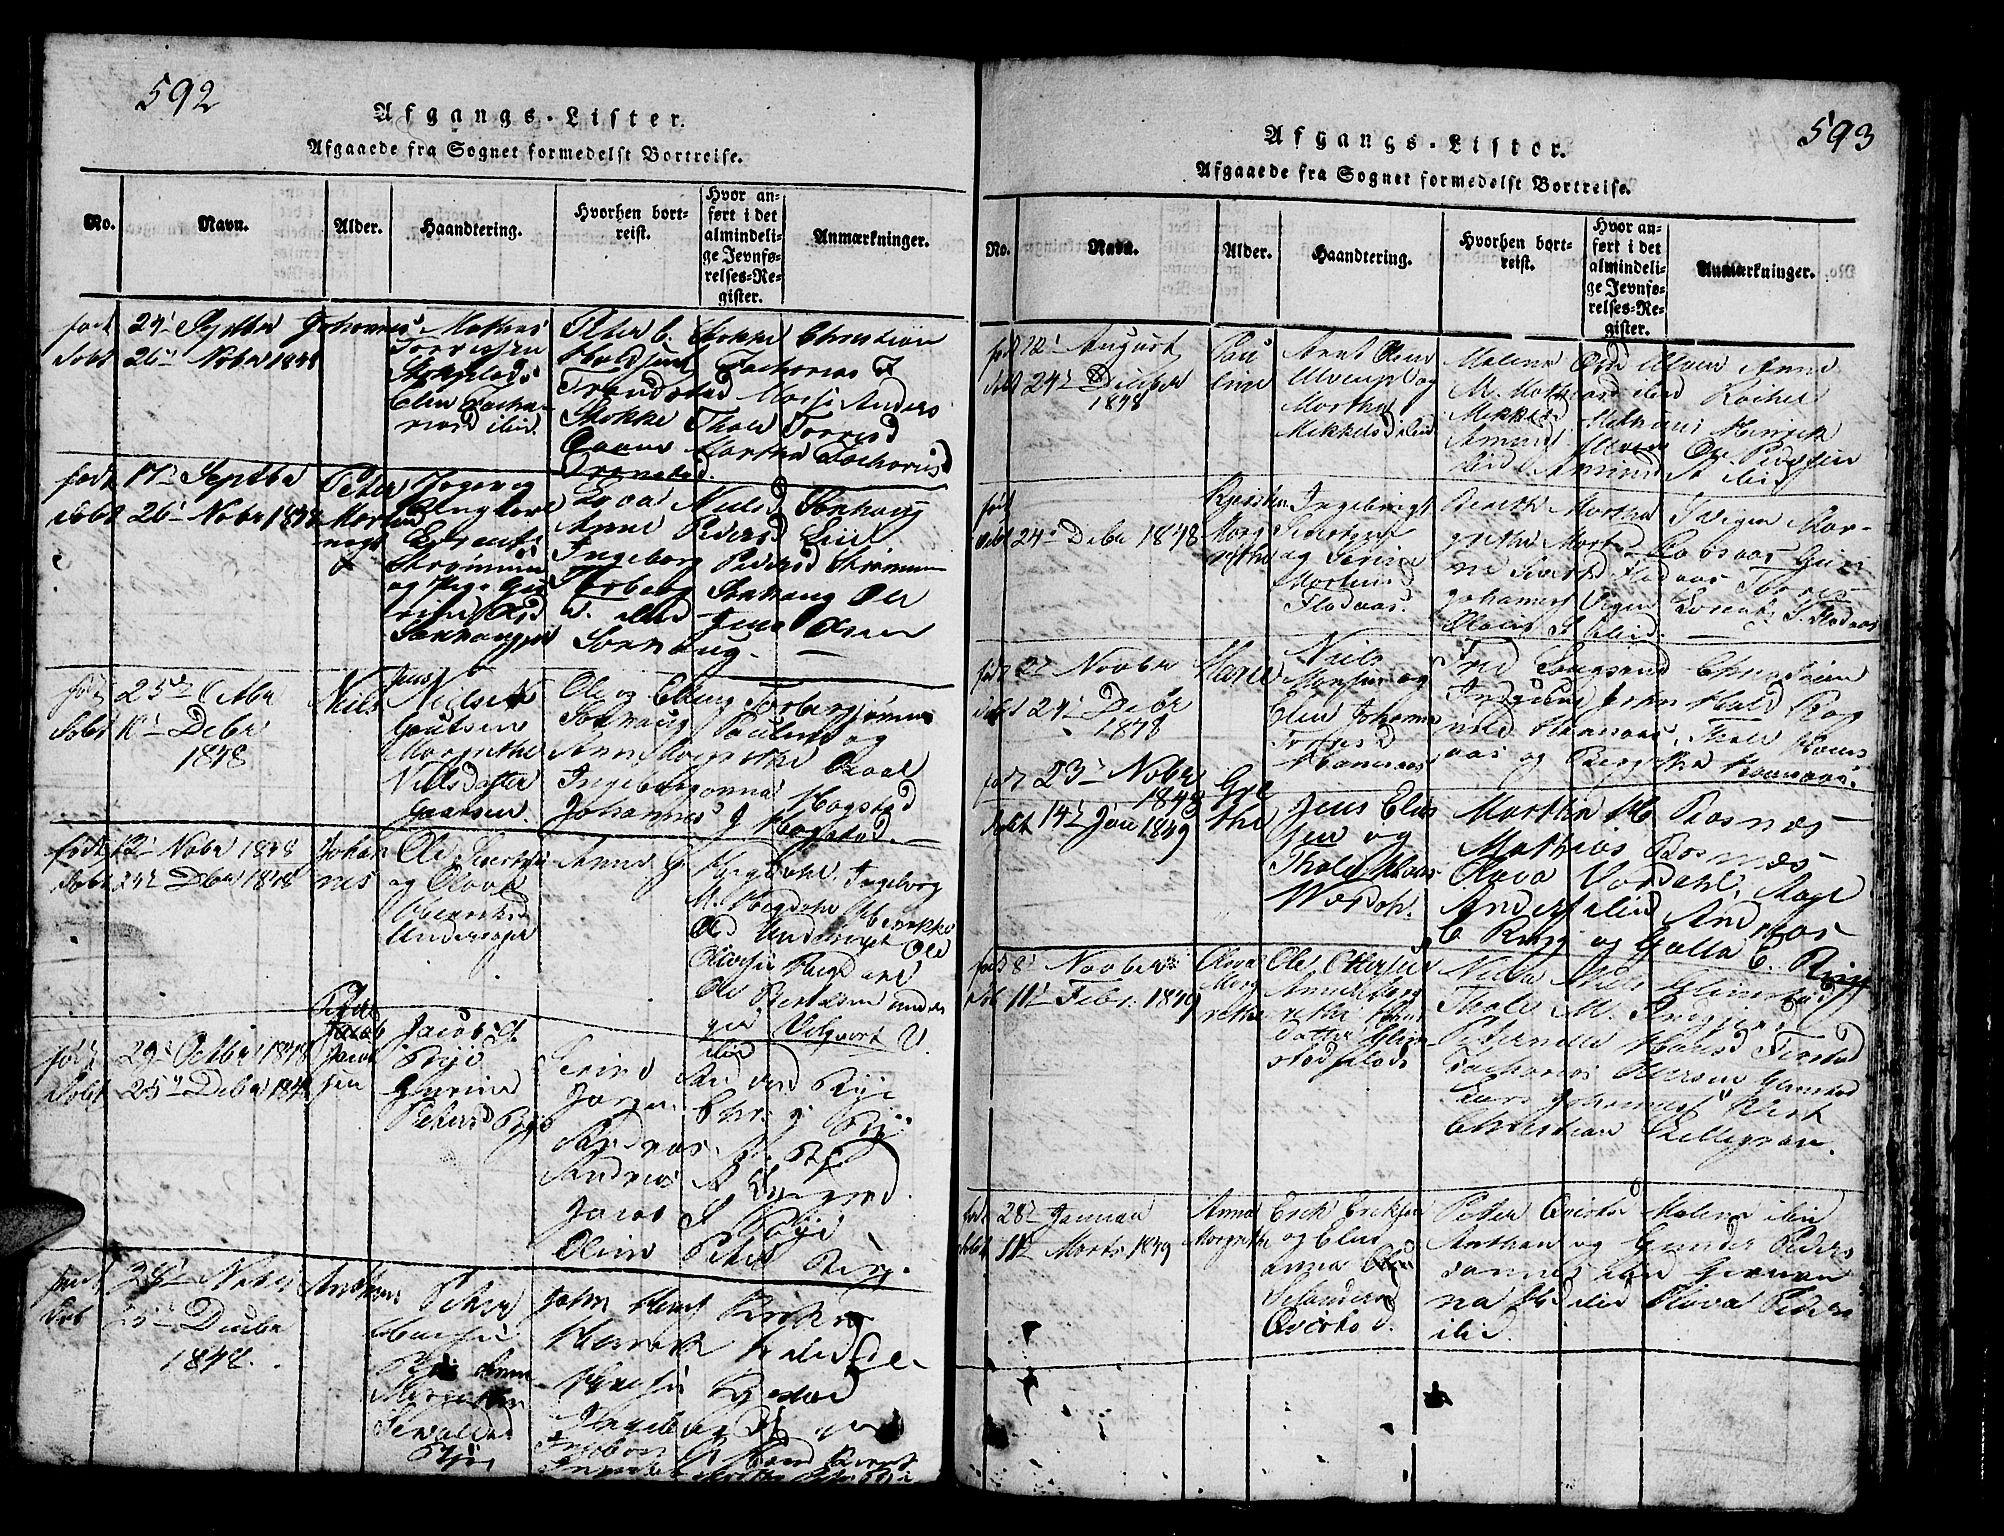 SAT, Ministerialprotokoller, klokkerbøker og fødselsregistre - Nord-Trøndelag, 730/L0298: Klokkerbok nr. 730C01, 1816-1849, s. 592-593